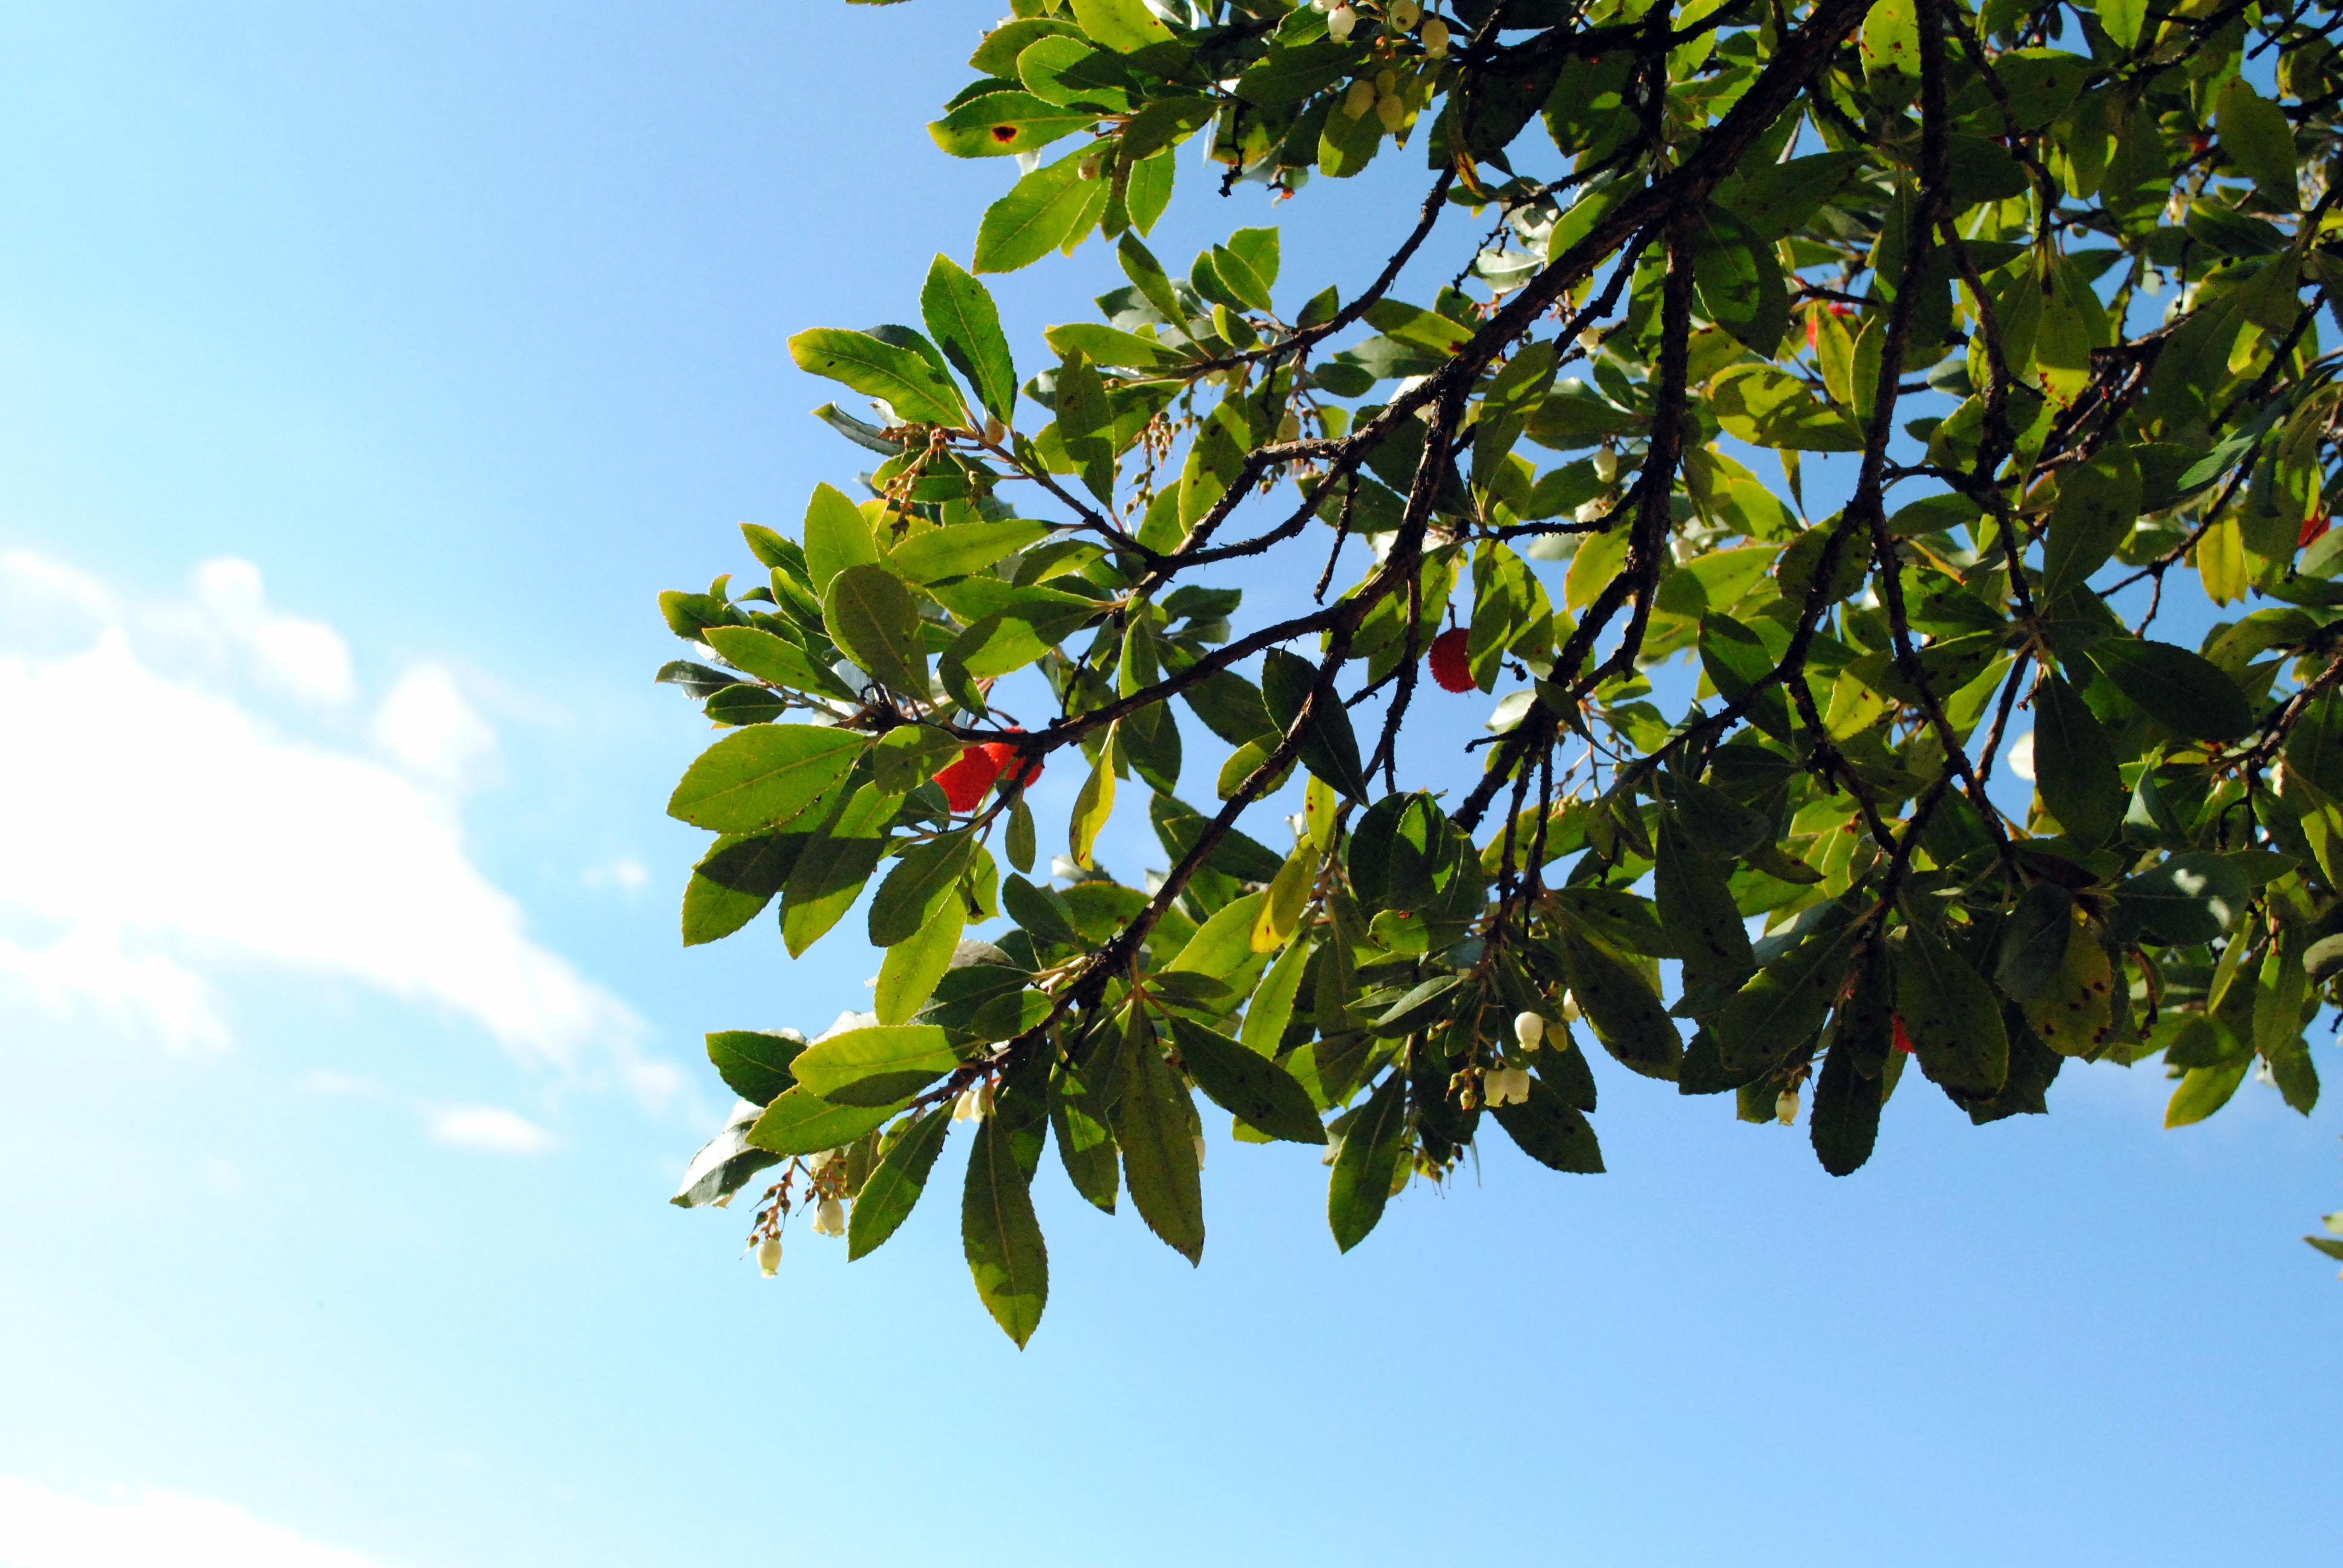 Da jeg mødte jordbærtræet for første gang i Frankrig og i Spanien